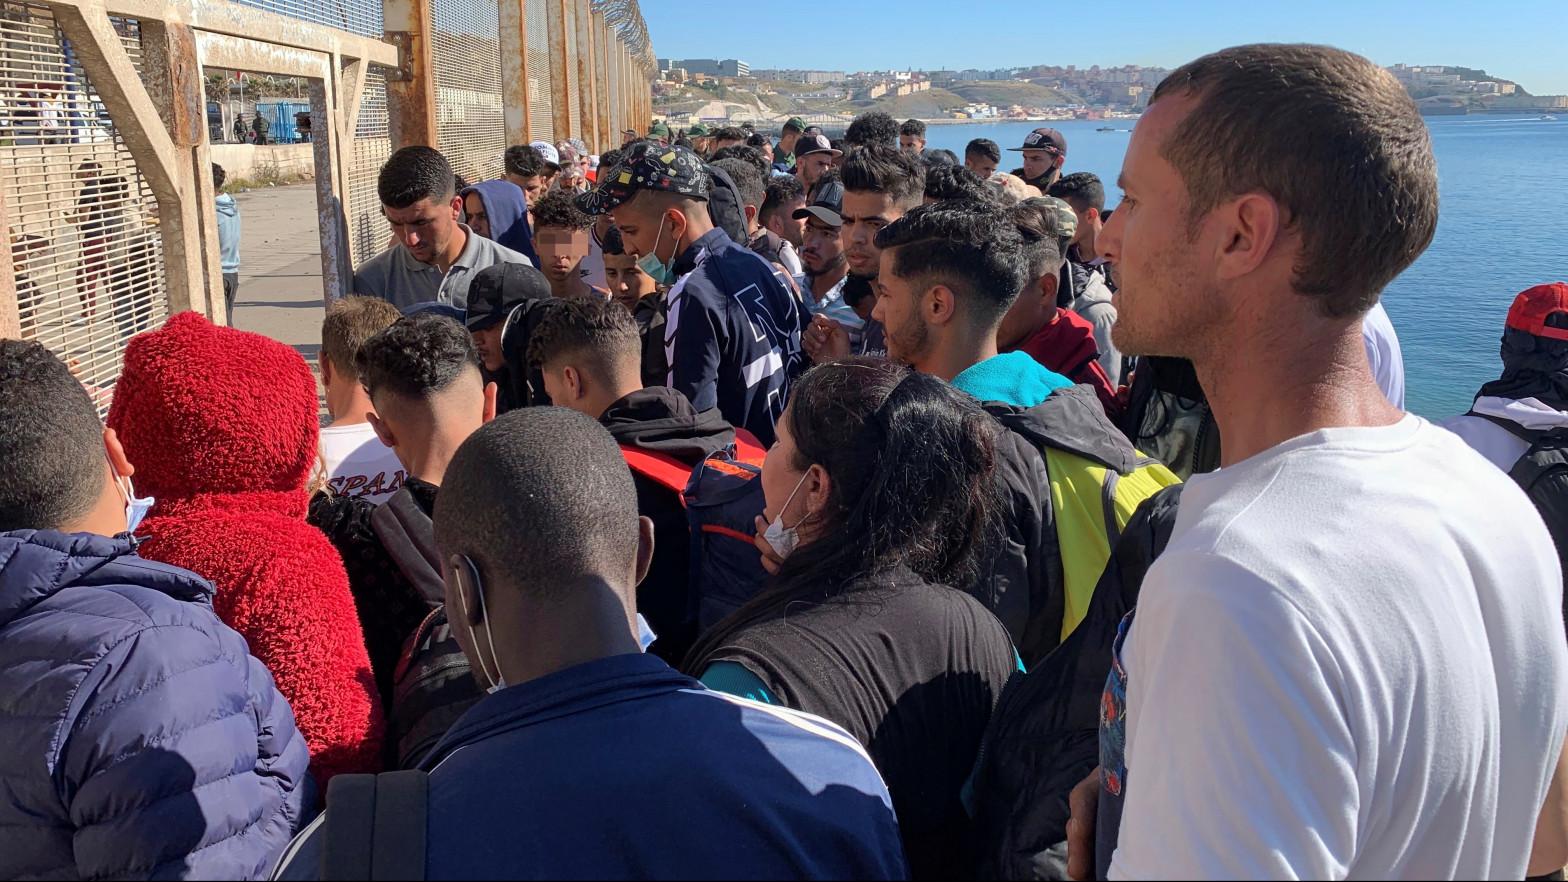 Once casos de covid entre 800 pruebas practicadas en inmigrantes en Ceuta